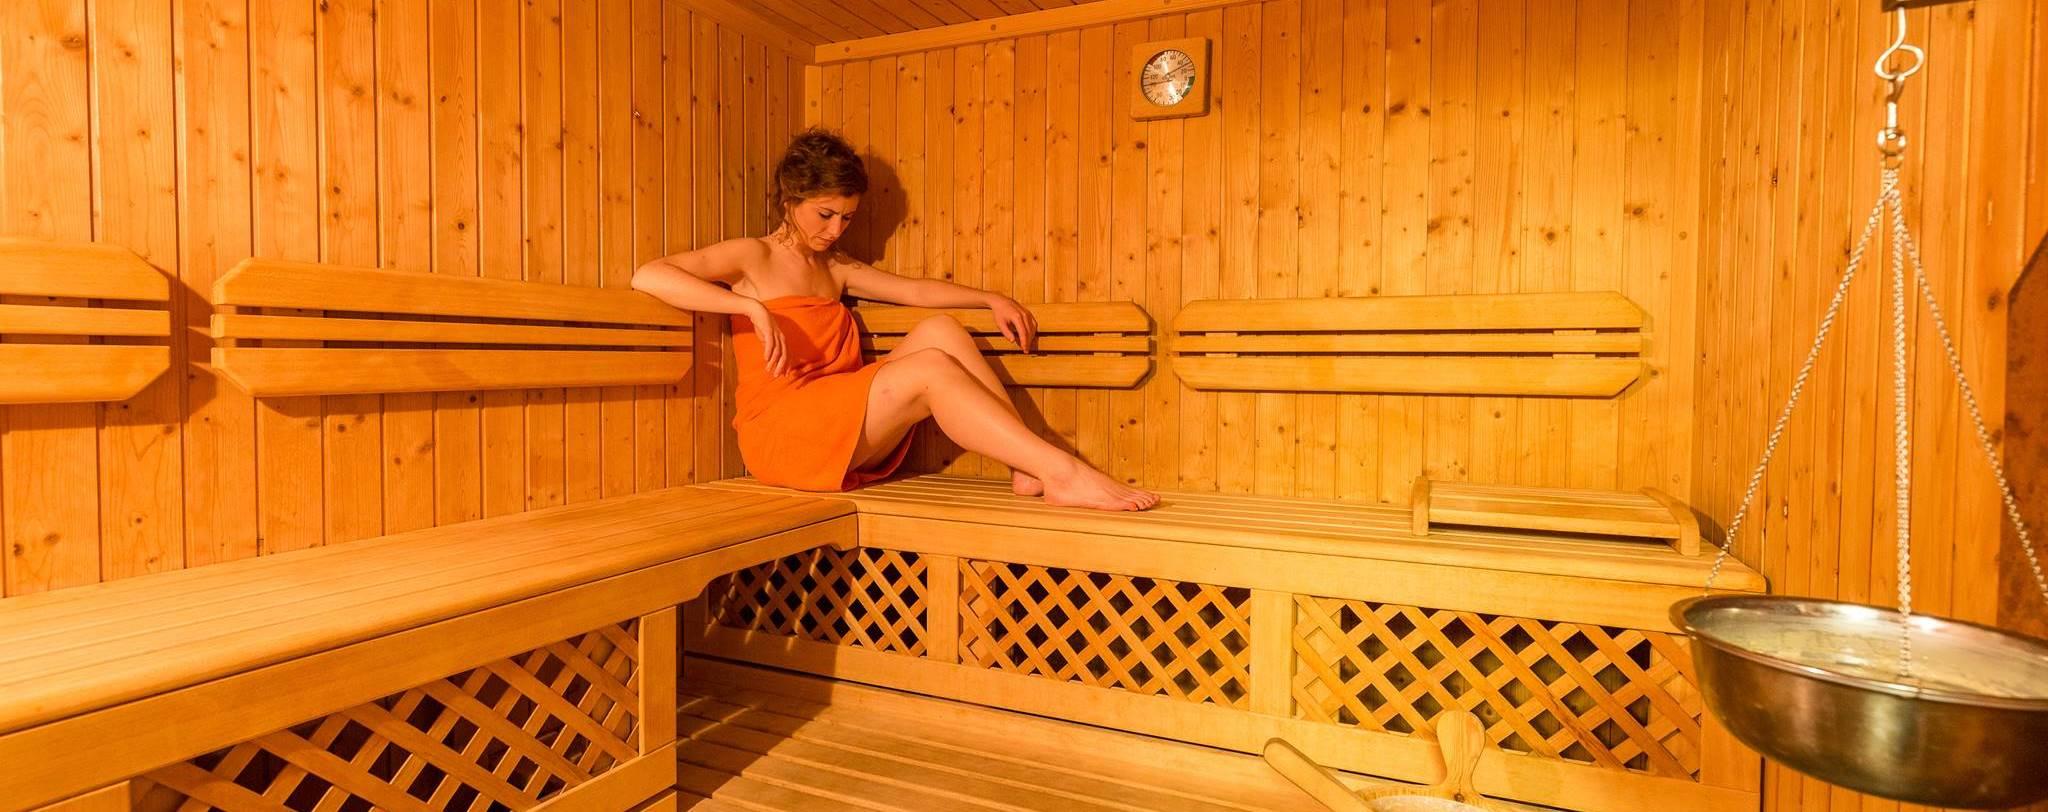 Benefici Della Sauna Finlandese.Sauna Finlandese Umbria Le Torri Di Porsenna